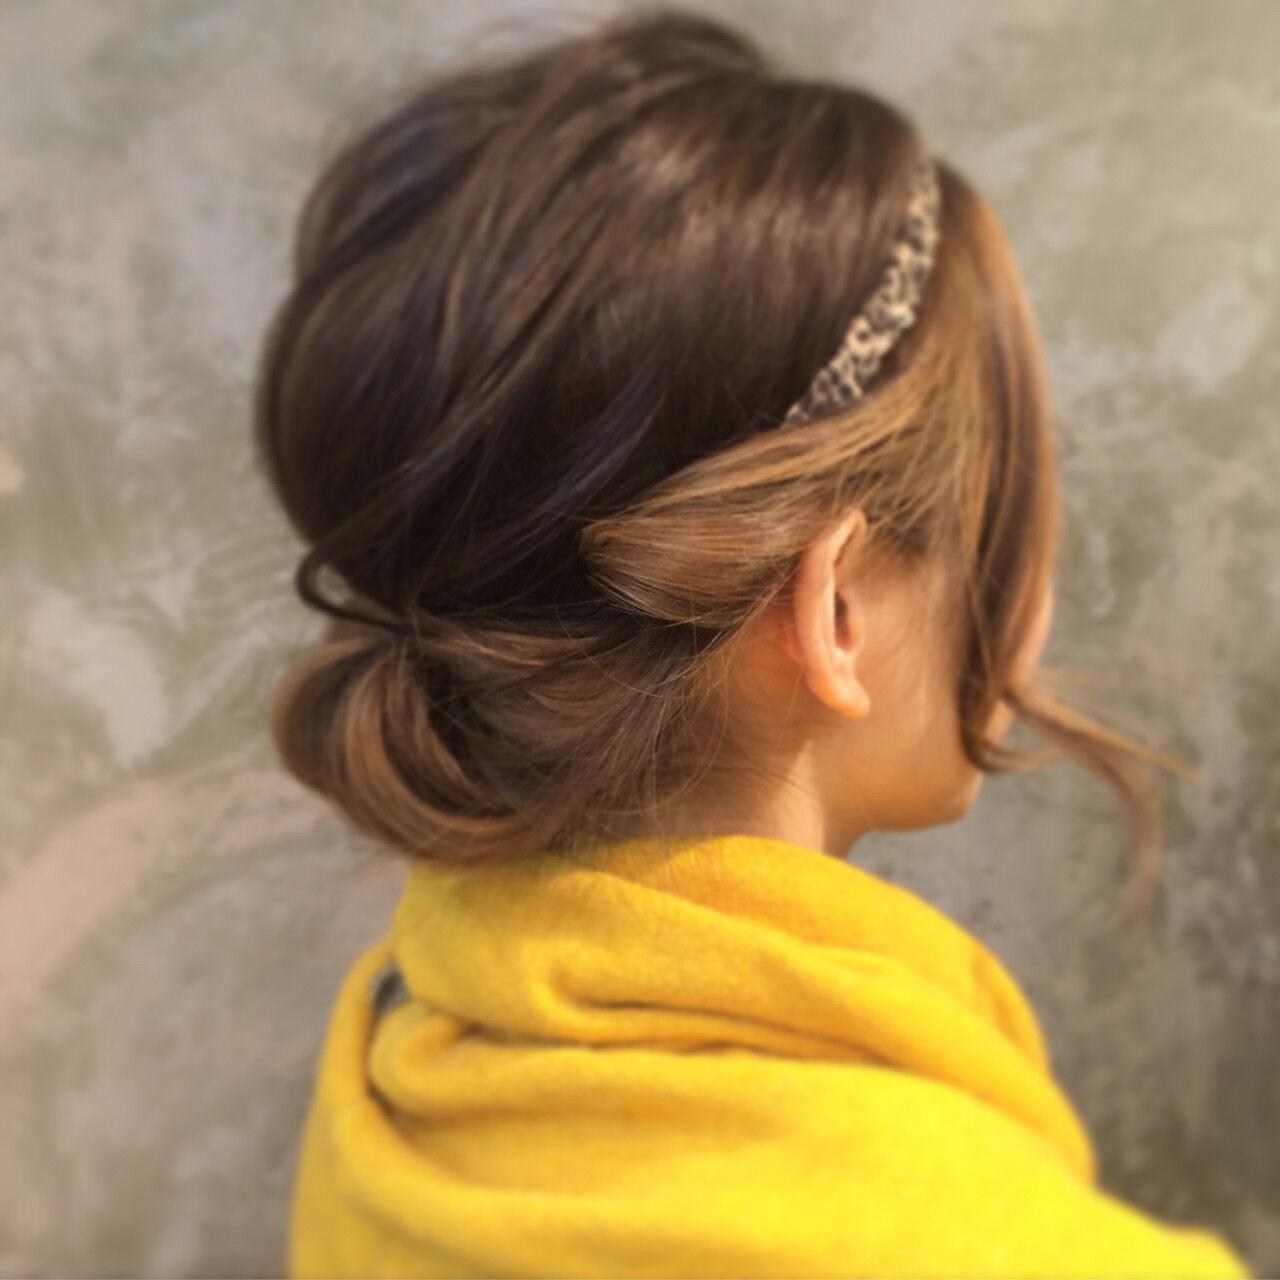 ヘアアレンジ ボブ 簡単ヘアアレンジ ハイライトヘアスタイルや髪型の写真・画像